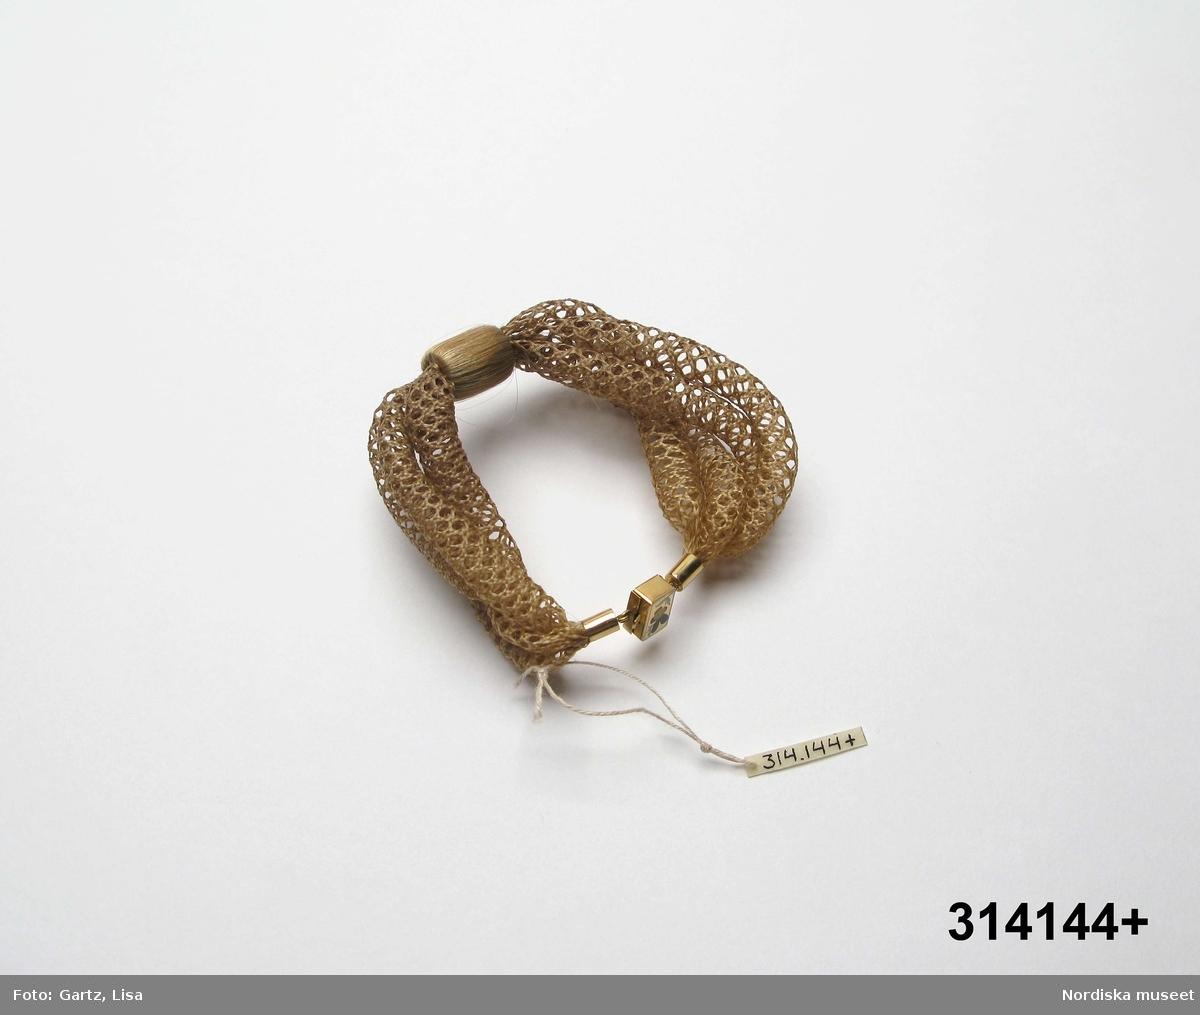 Hår från syskonen Märta Sophia f. 1860 (armbandet), Olof Axel f. 1856 och Christer Reinhold f. 1858 (knuten). Spännet tillverkat i Karlstad.